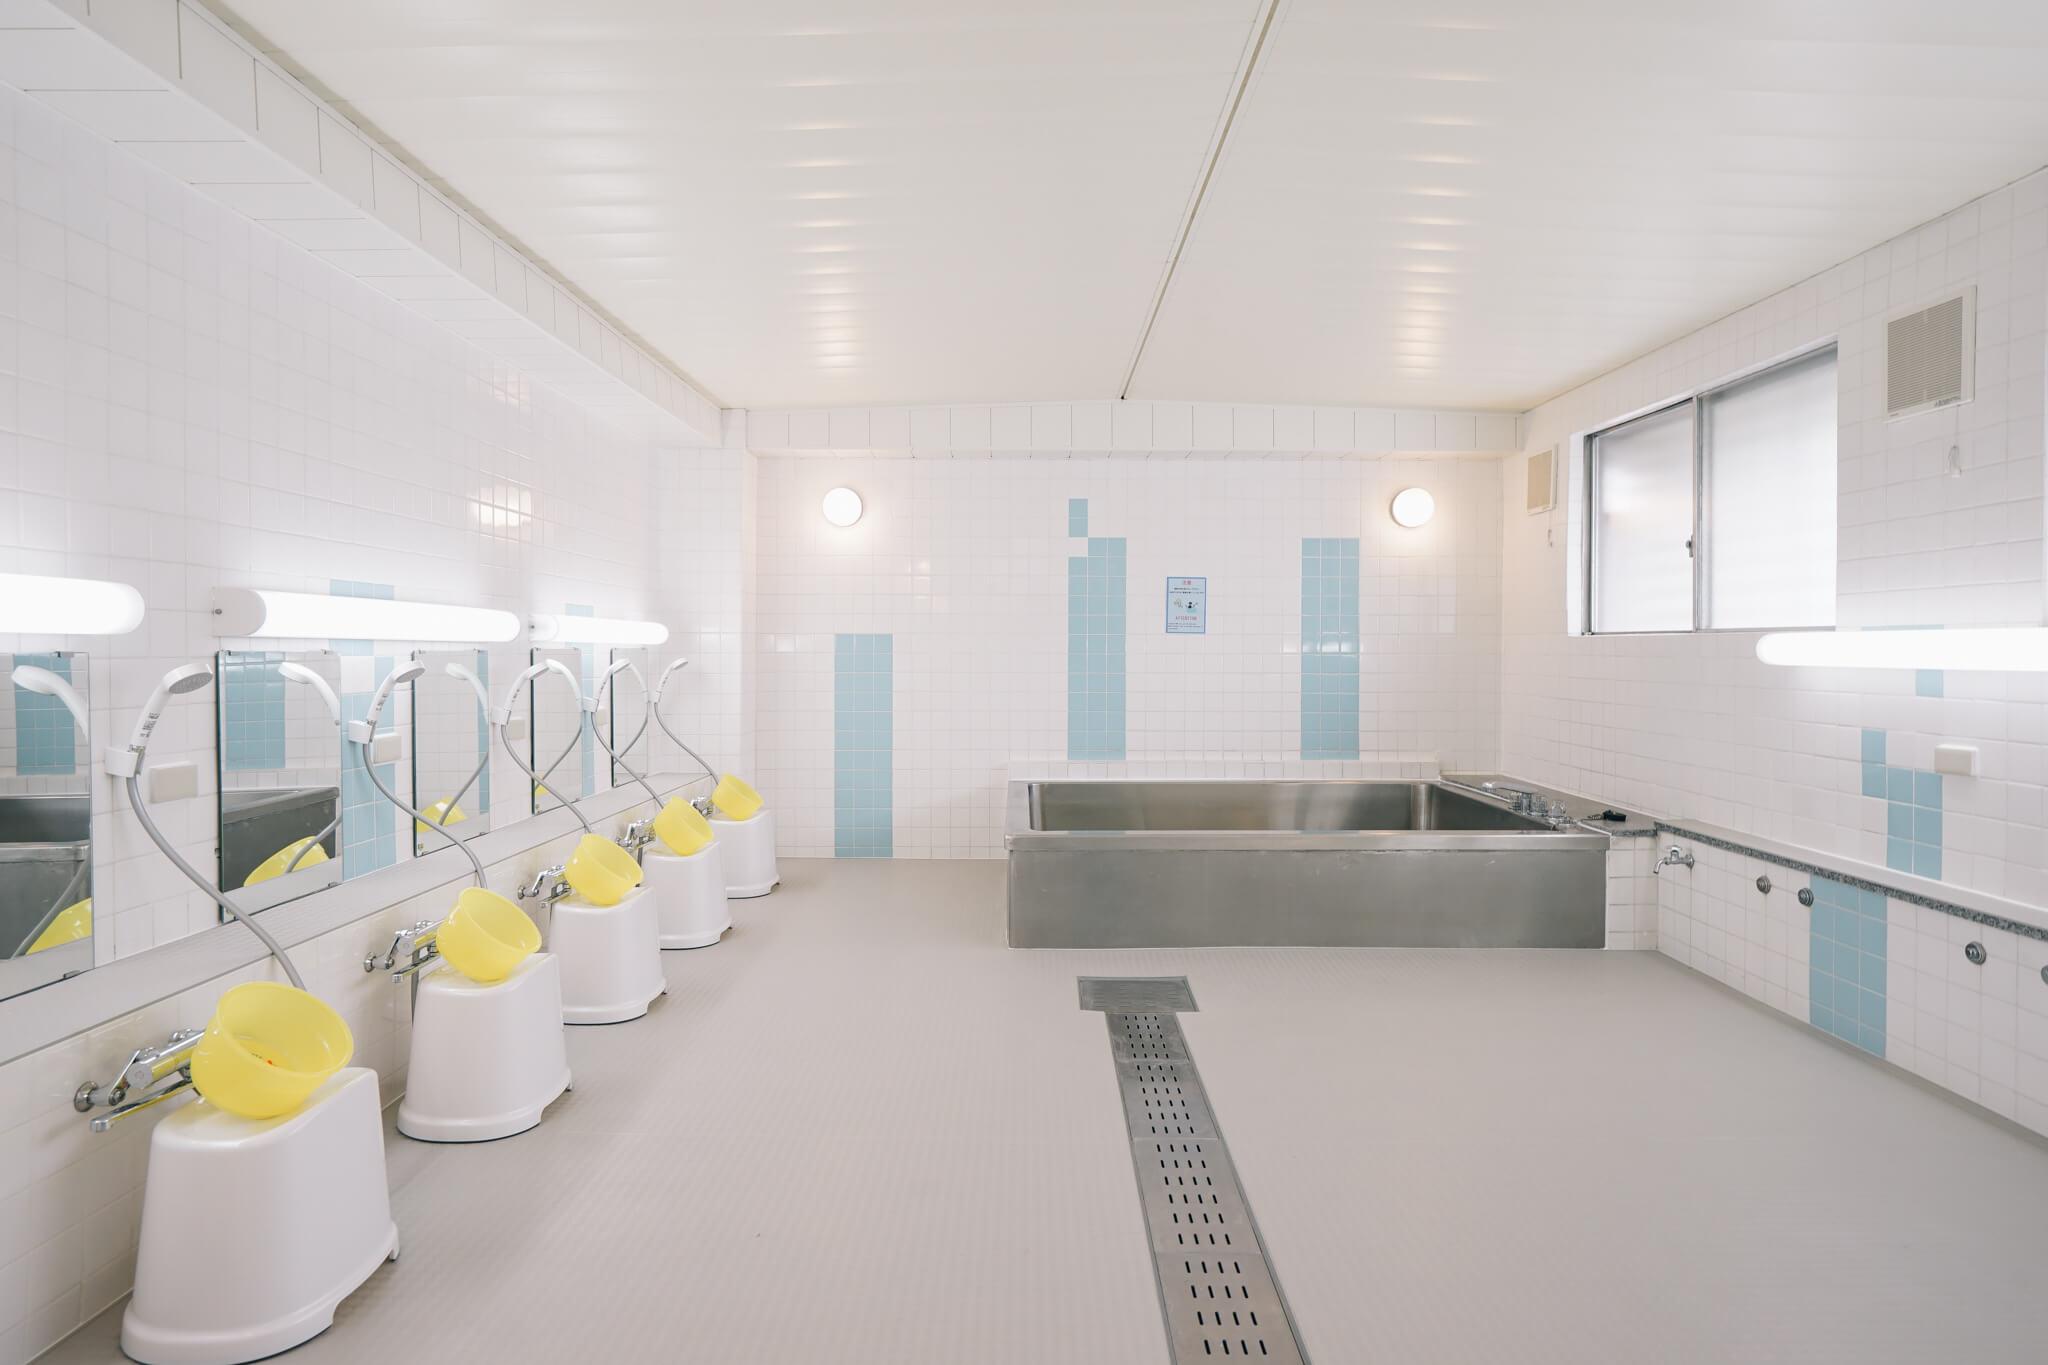 とっても広い大浴場!床がタイルじゃなくてゴム素材でできているので、冬場も暖かい嬉しい配慮。